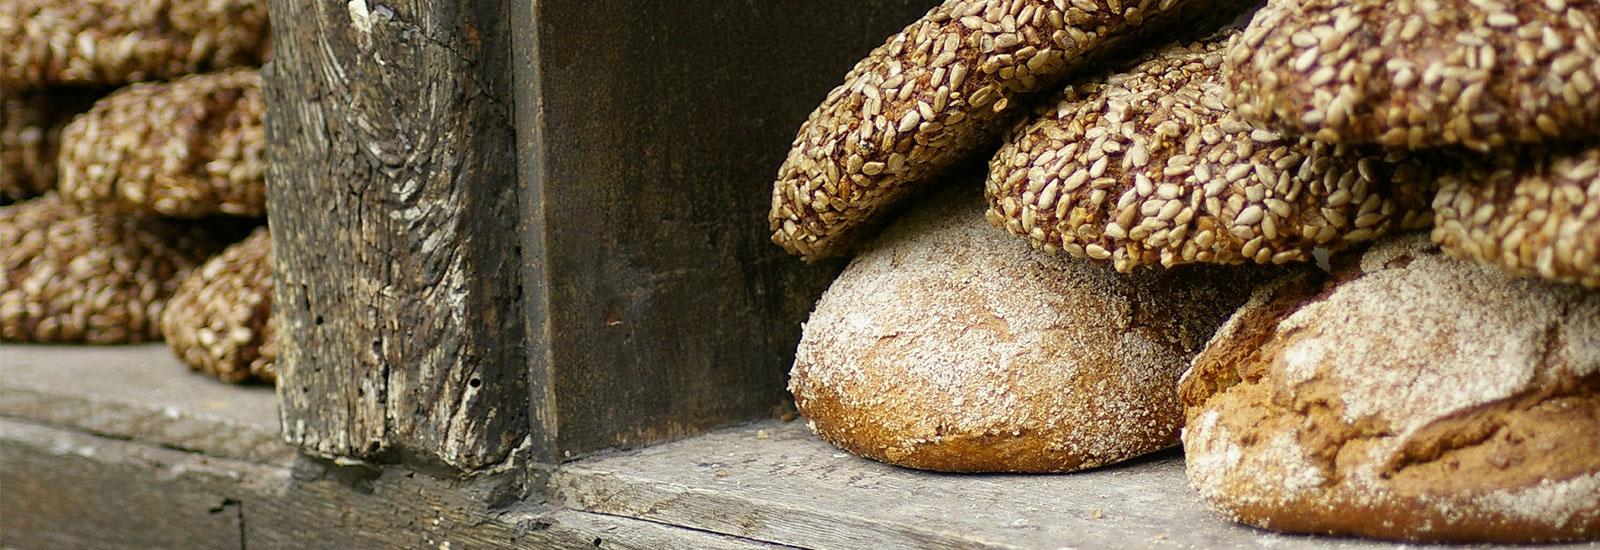 chleb żytni - dlaczego warto go jeść